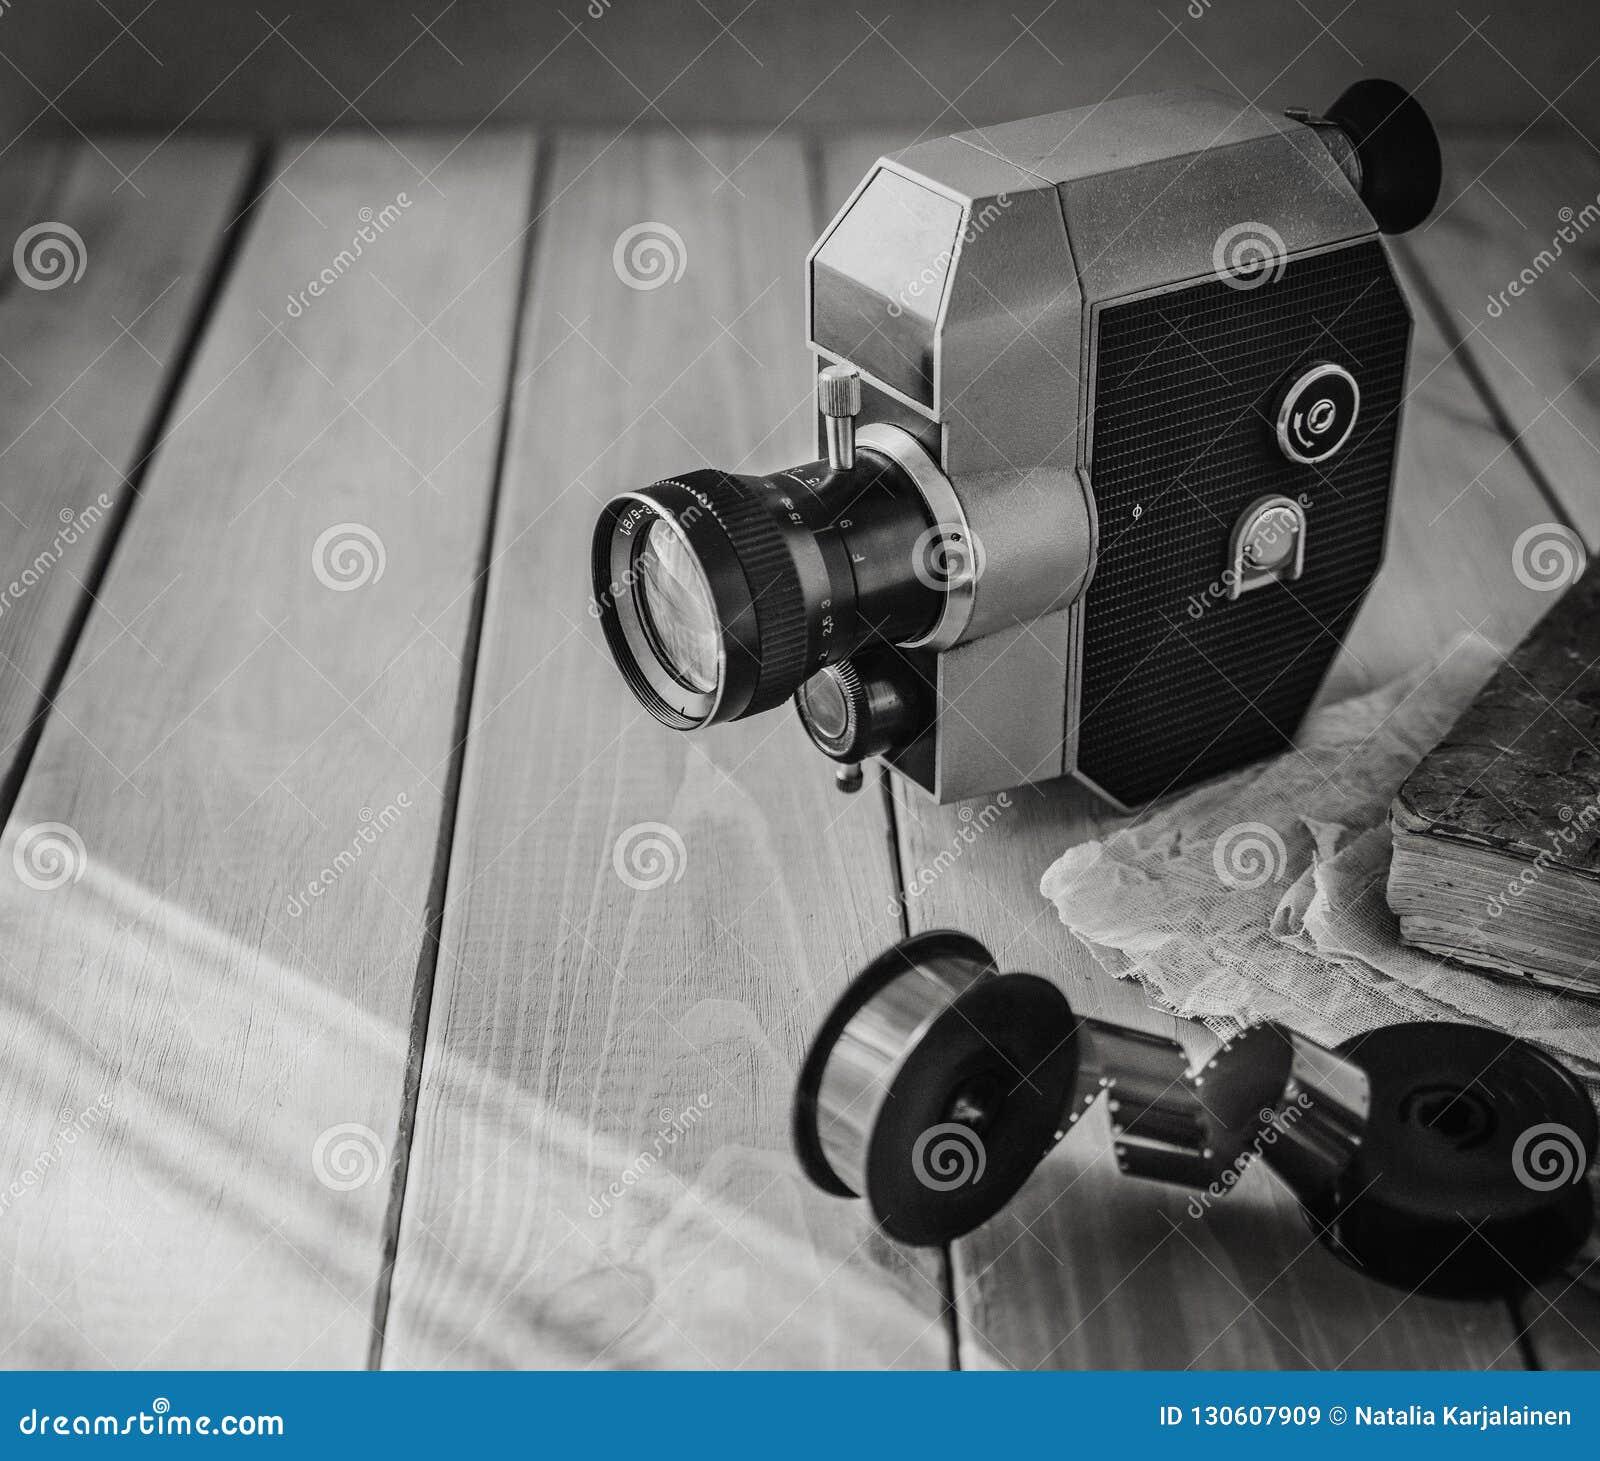 Rocznika filmu stara kamera i ekranowe rolki na drewnianym stole, stara książka, clothl fotografia retro kosmos kopii